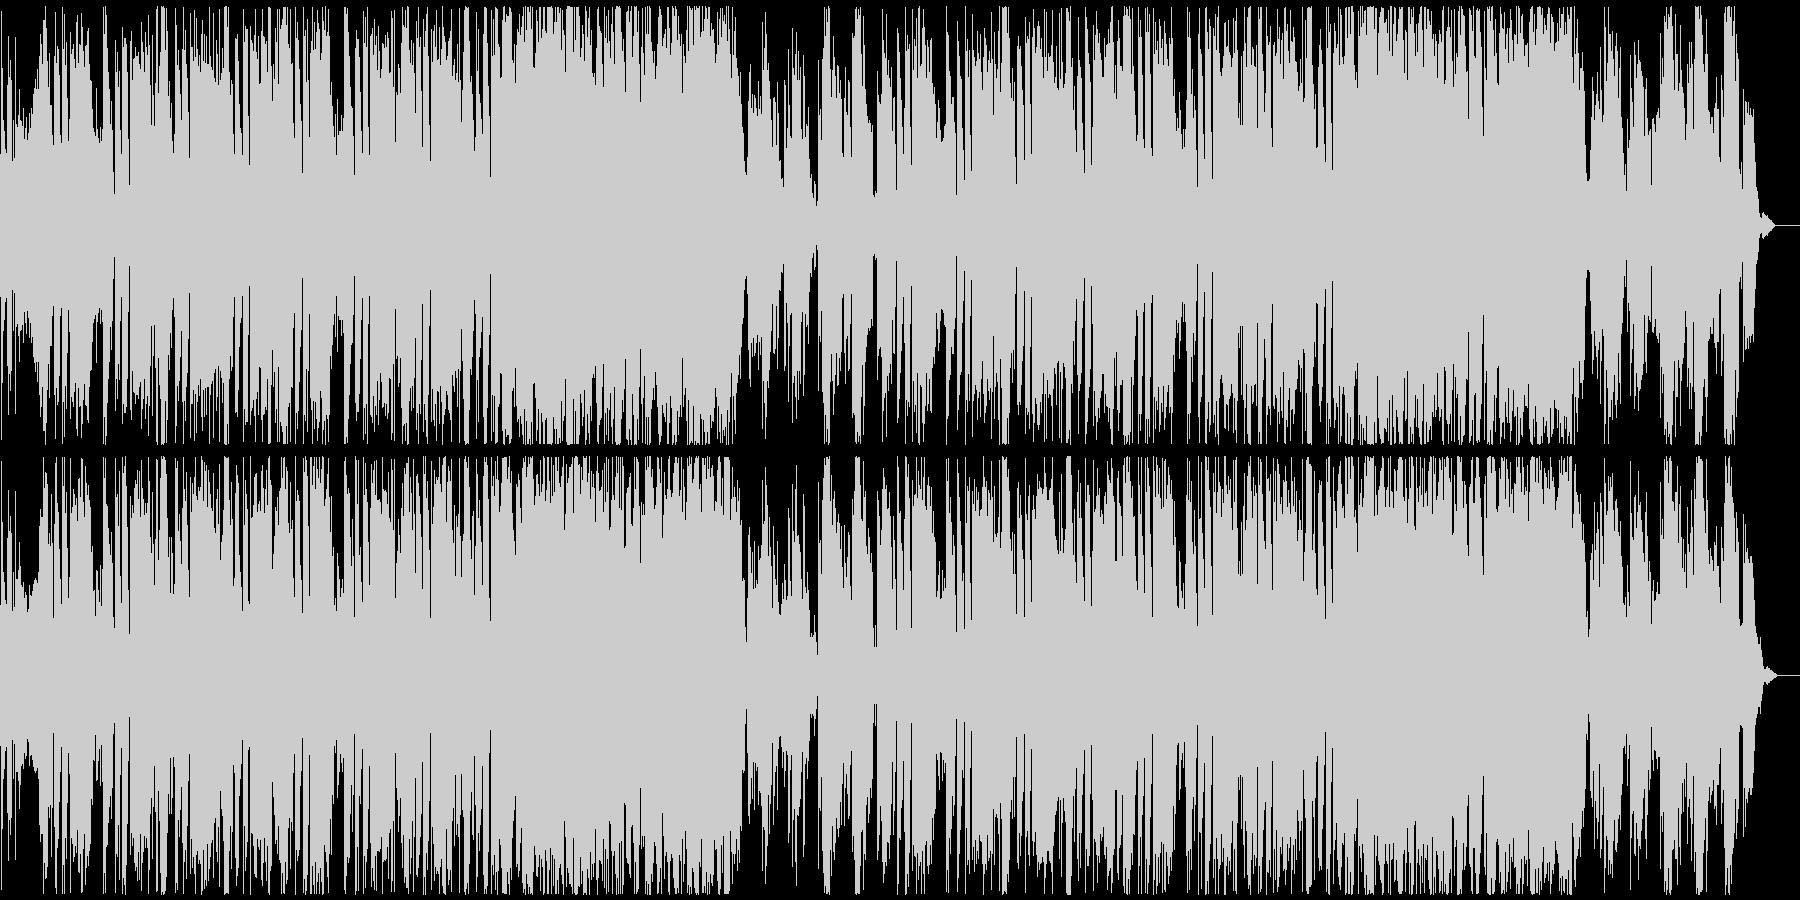 車のCMで流れる様なパワフルな曲の未再生の波形